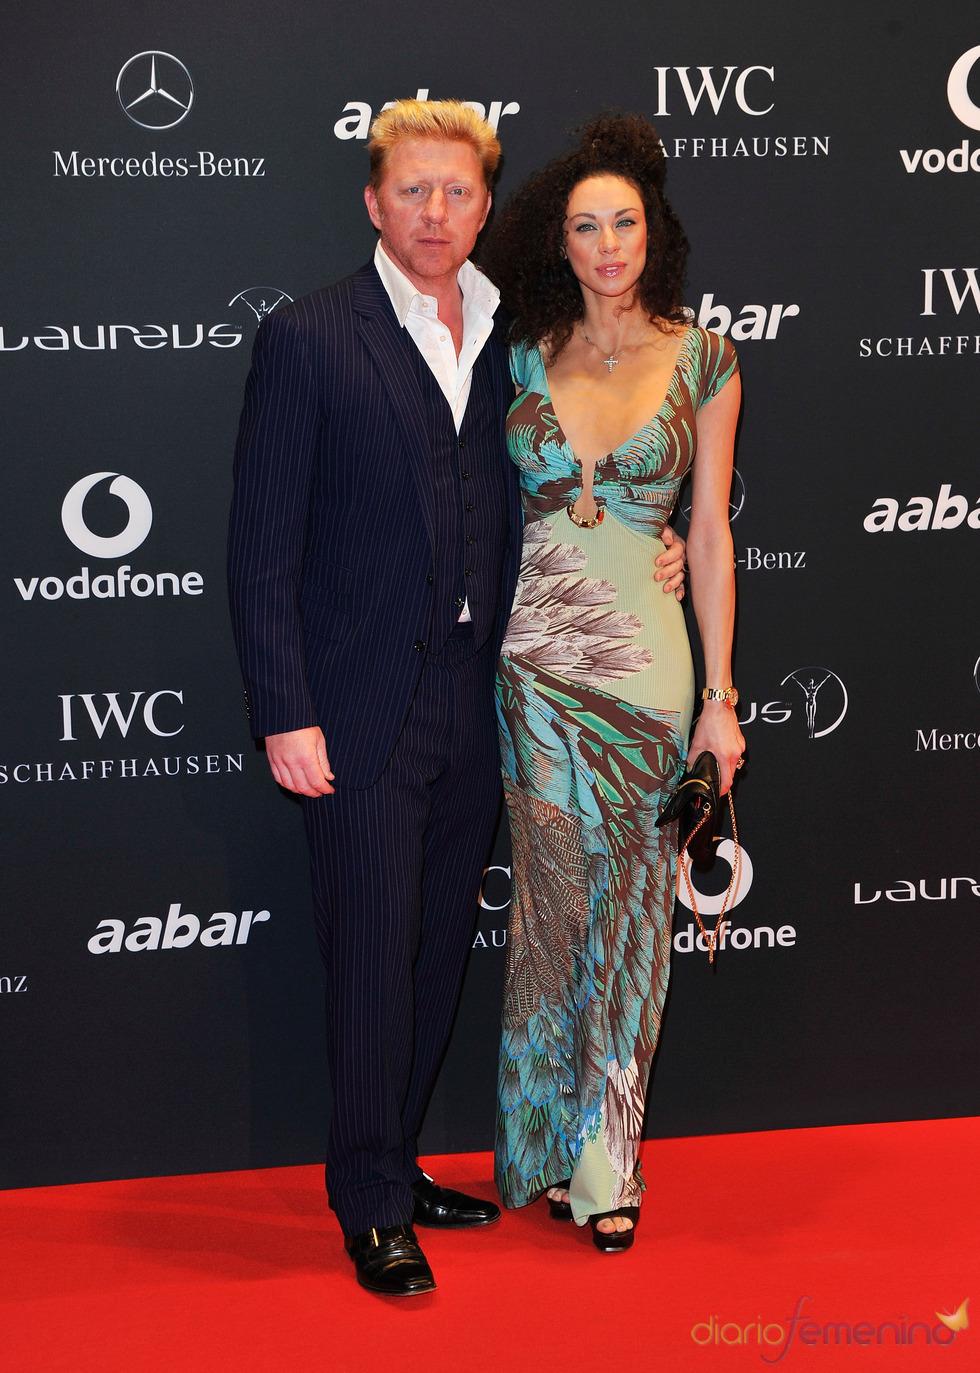 Boris Becker y su mujer Sharely Becker en la Laureus Welcome party